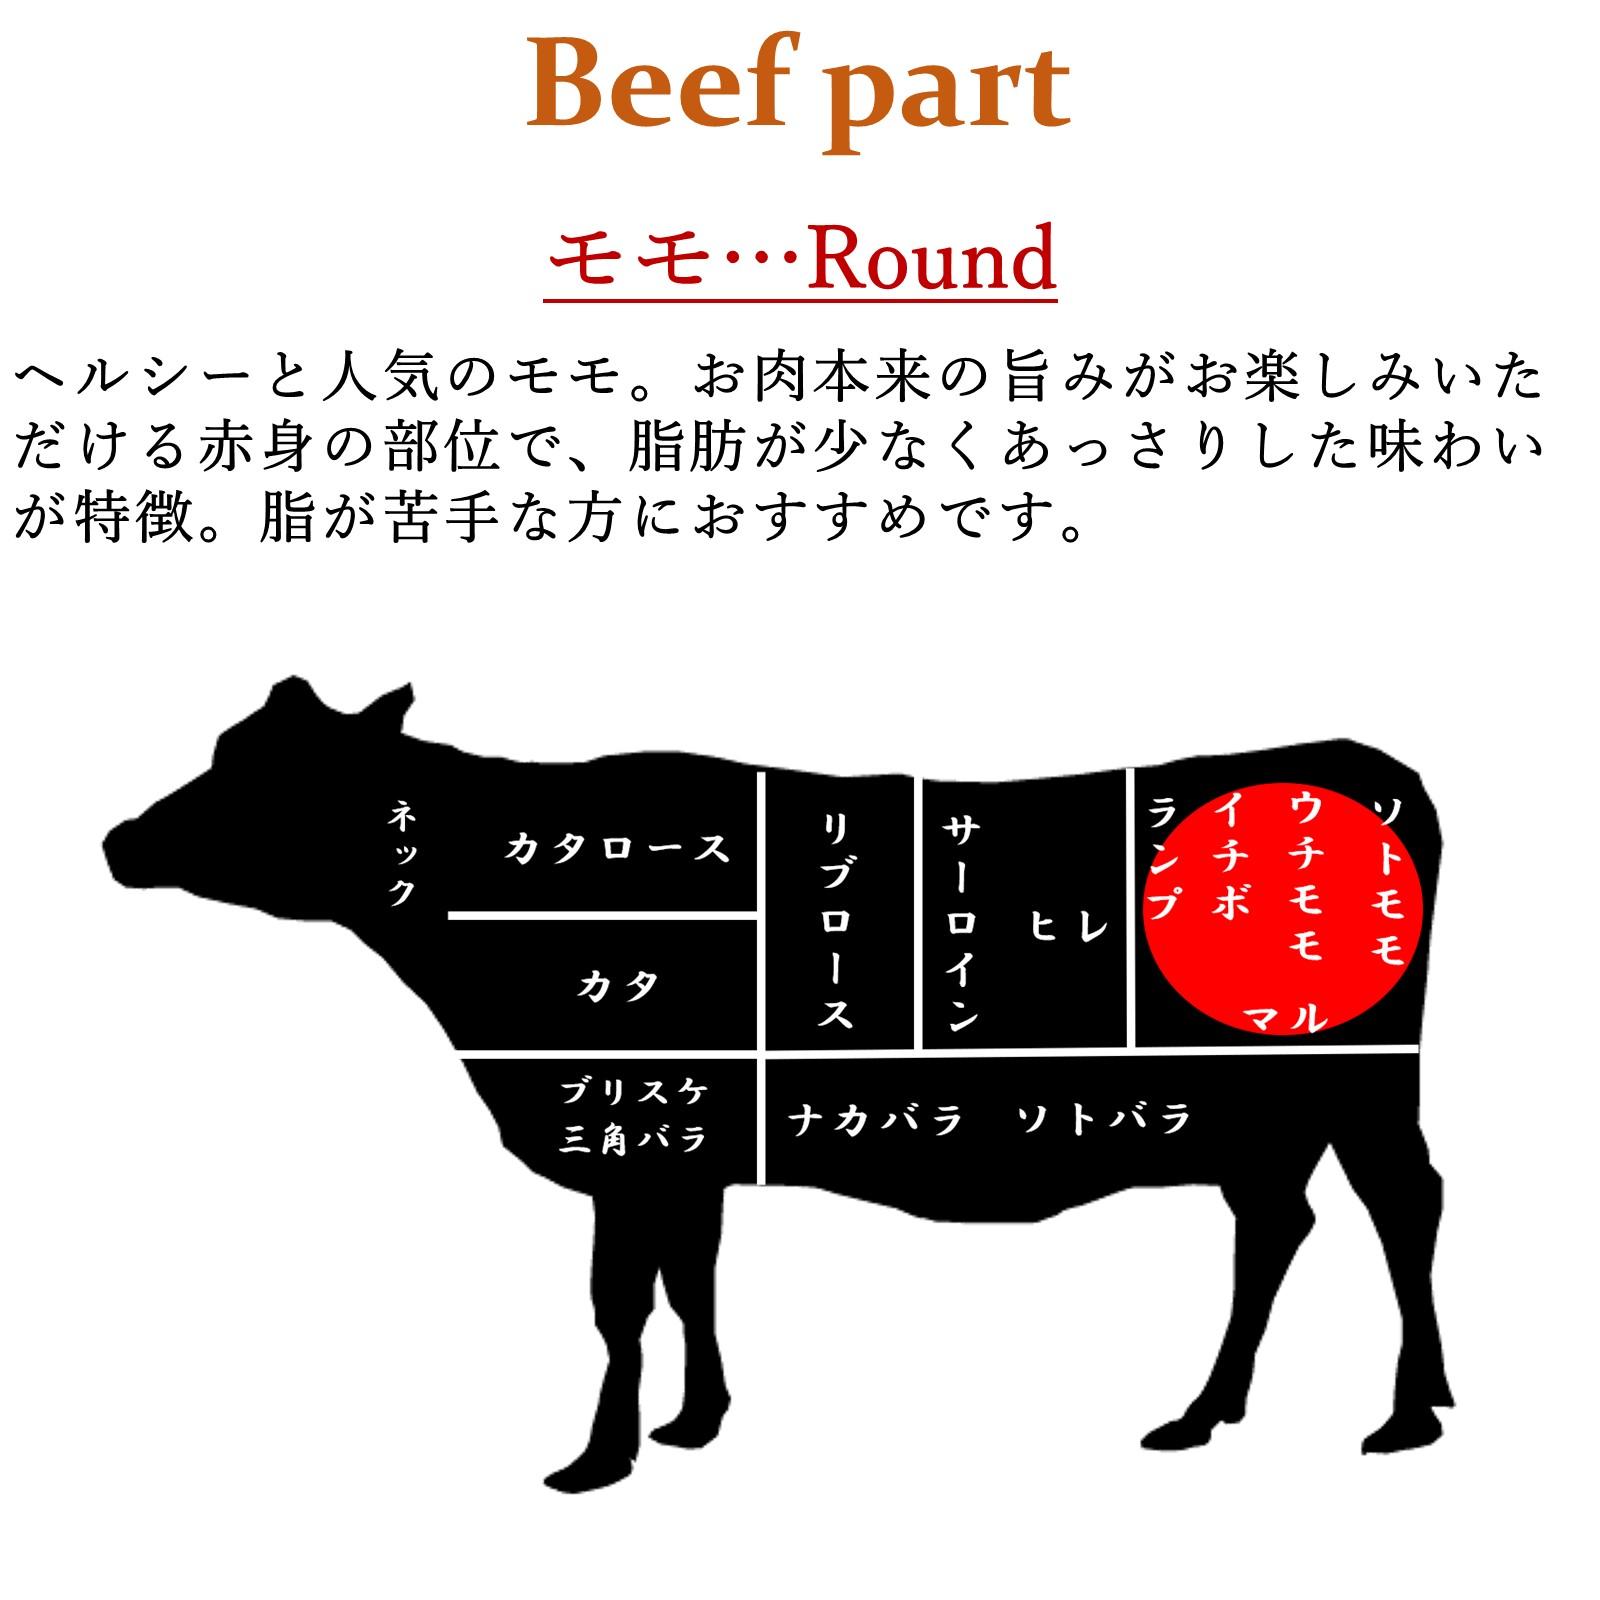 氷温熟成 黒毛和牛すき焼き・しゃぶしゃぶ用 モモ肉